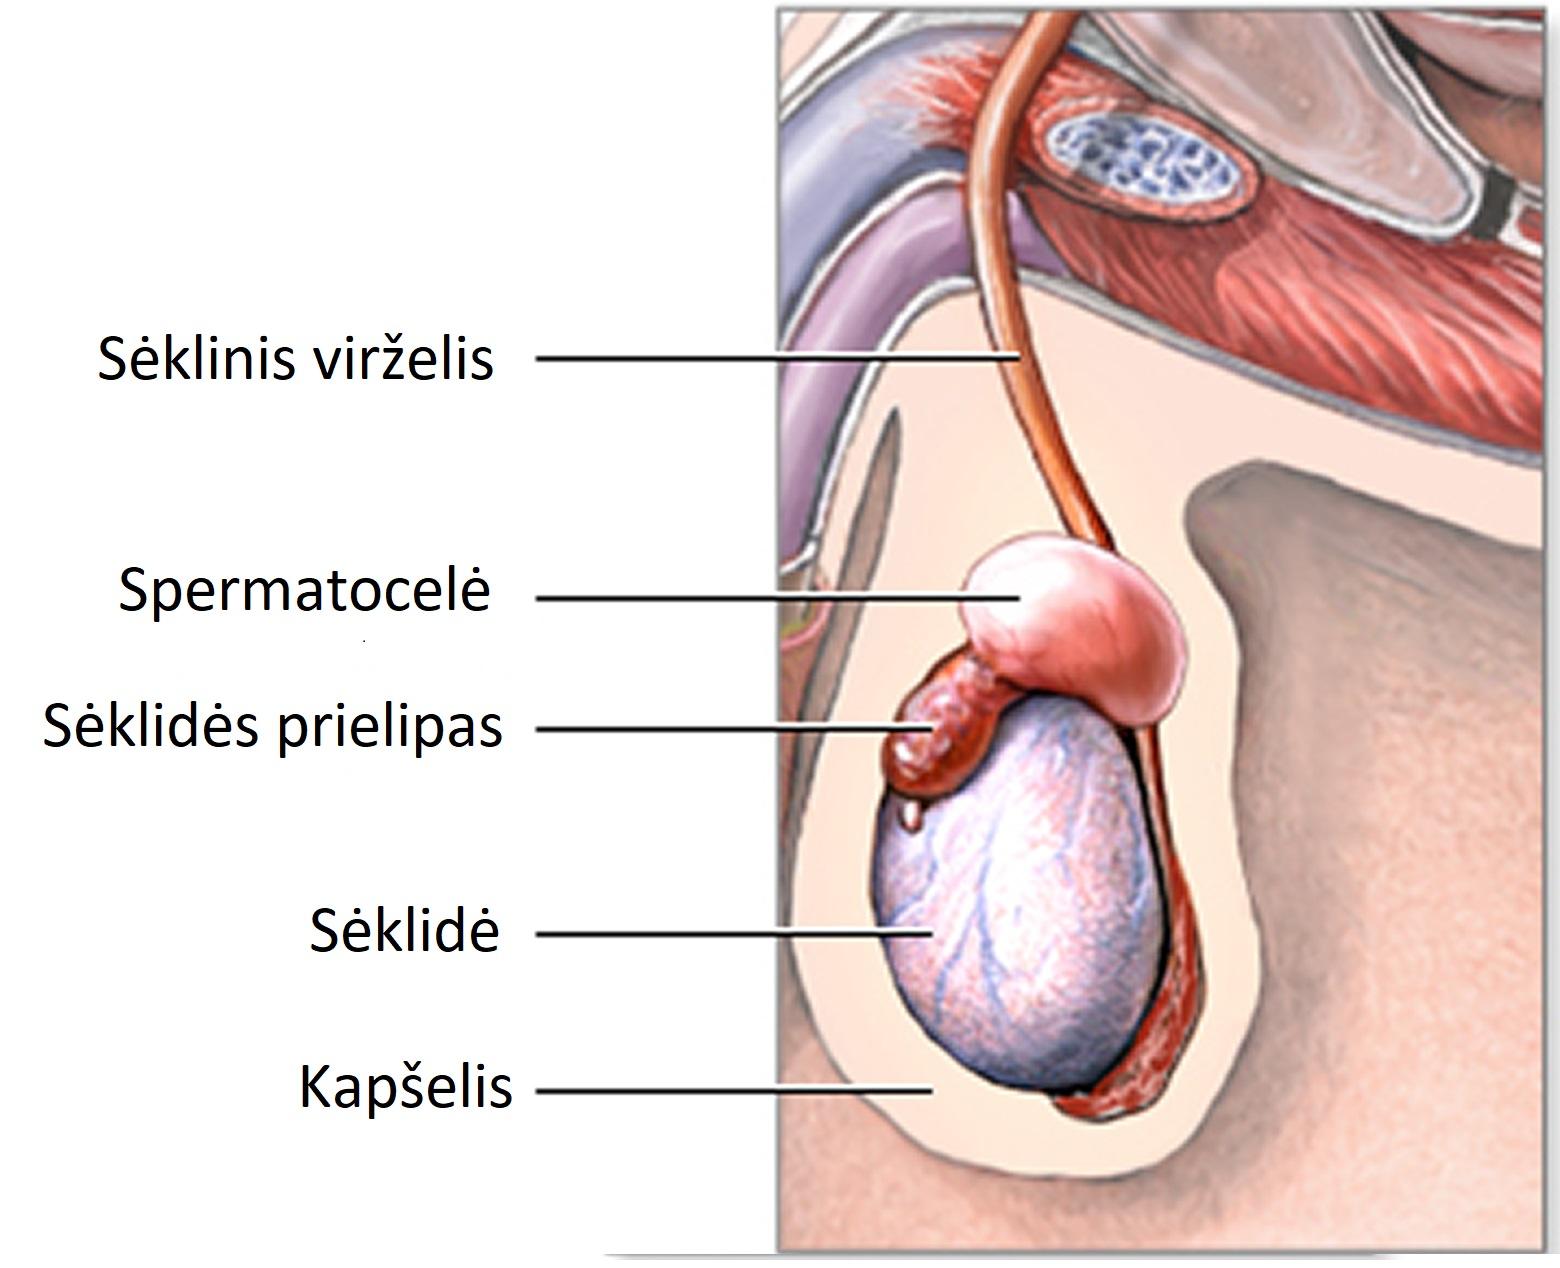 sėklidžių padidėjimas su erekcija balnas su varpa